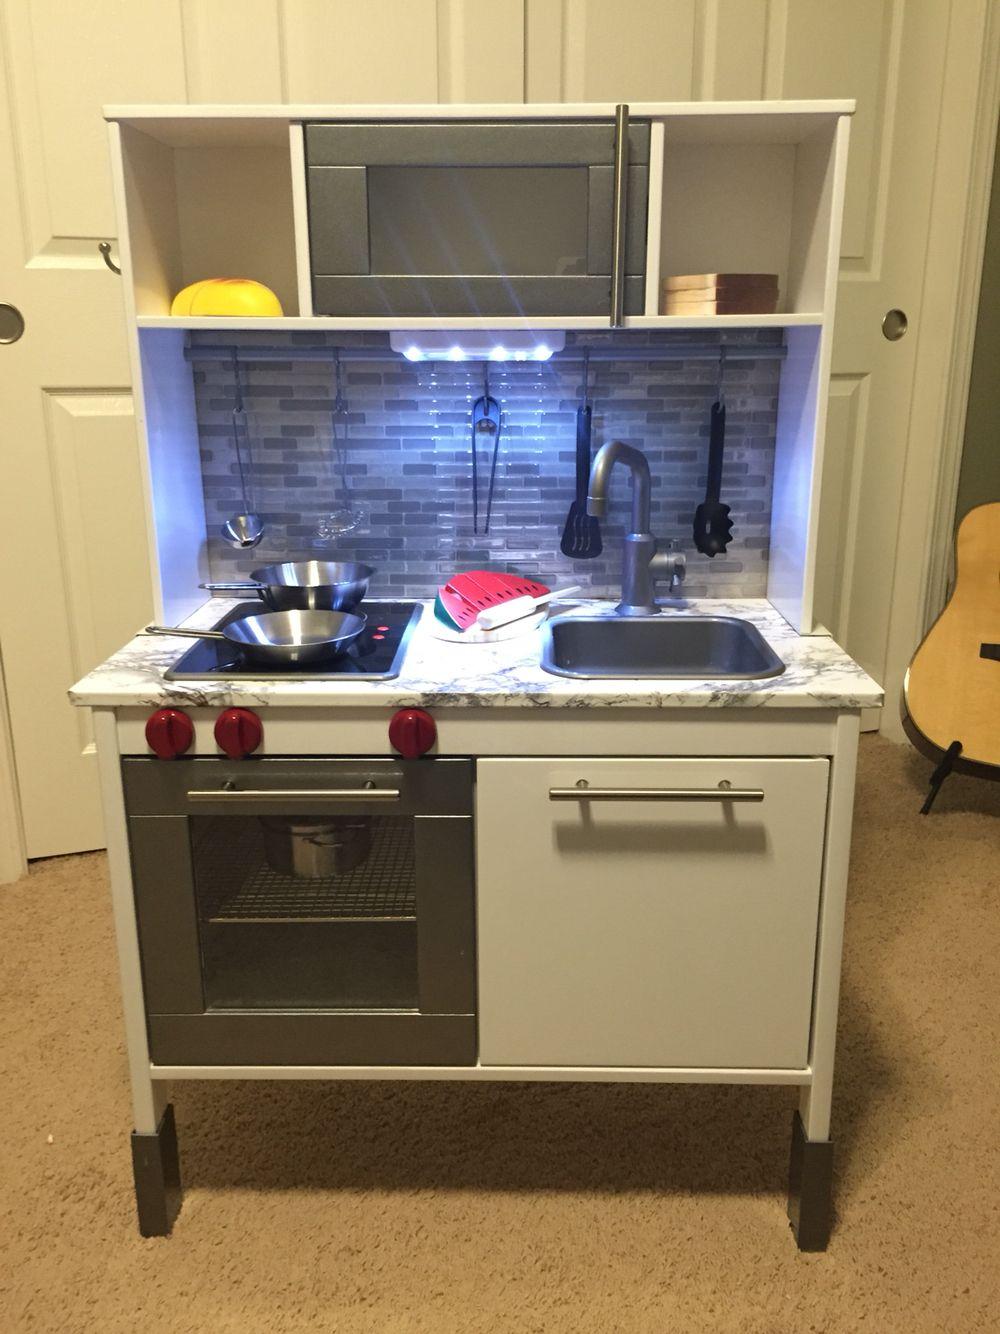 IKEA Duktig play kitchen hack | play kitchen ideas | Pinterest